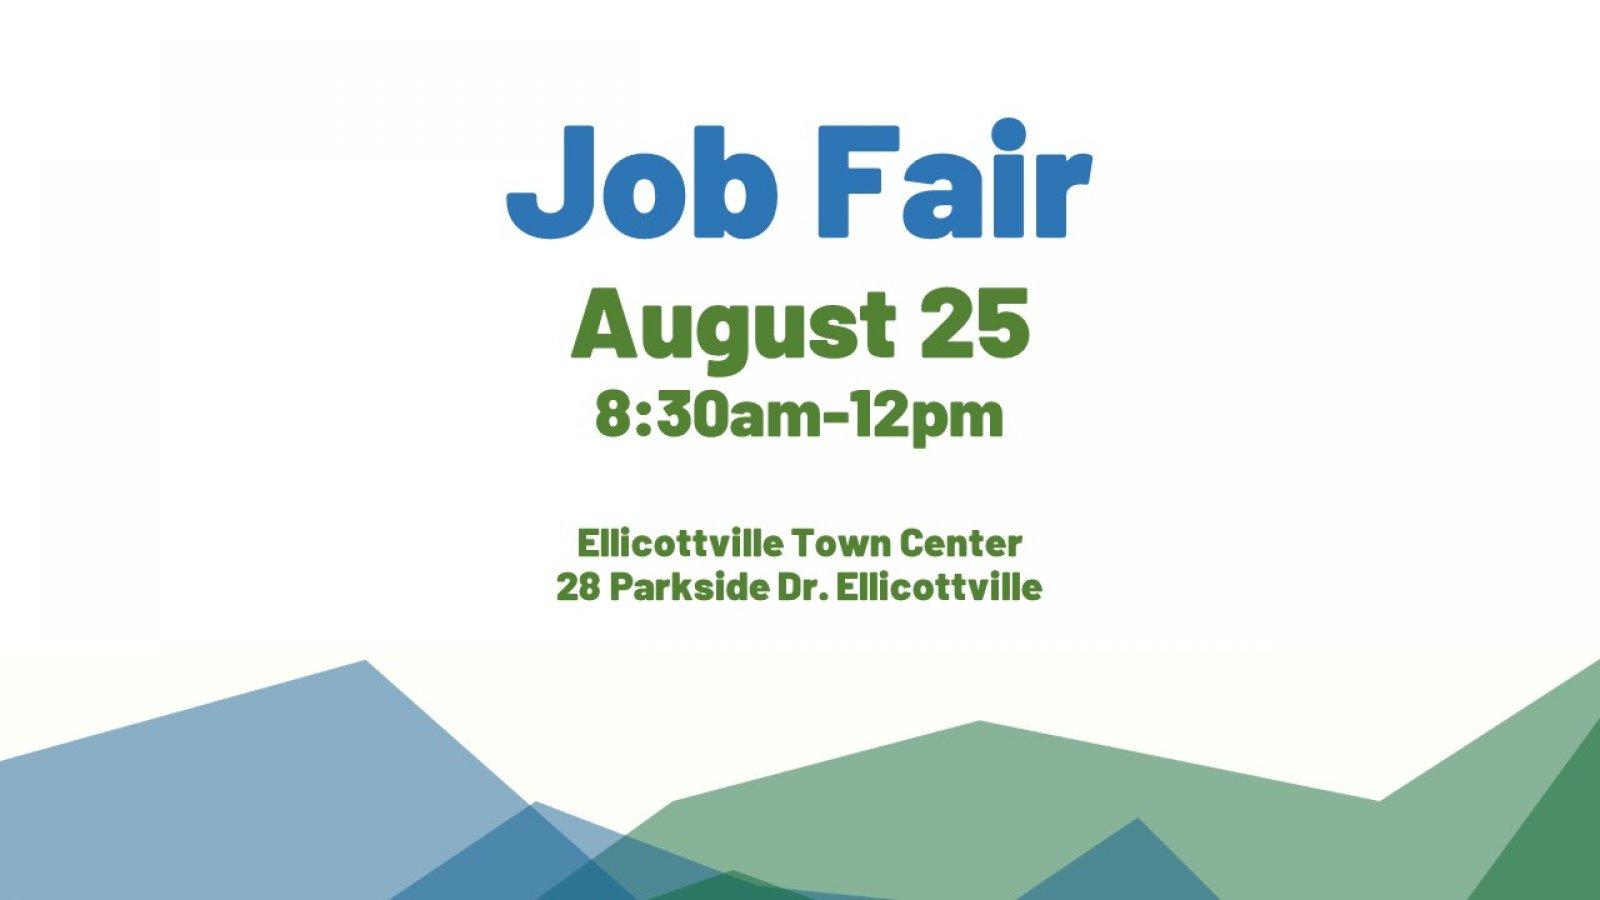 Job FairAugust 258:30am-12pmEllicottville Town Center28 Parkside Dr. Ellicottville